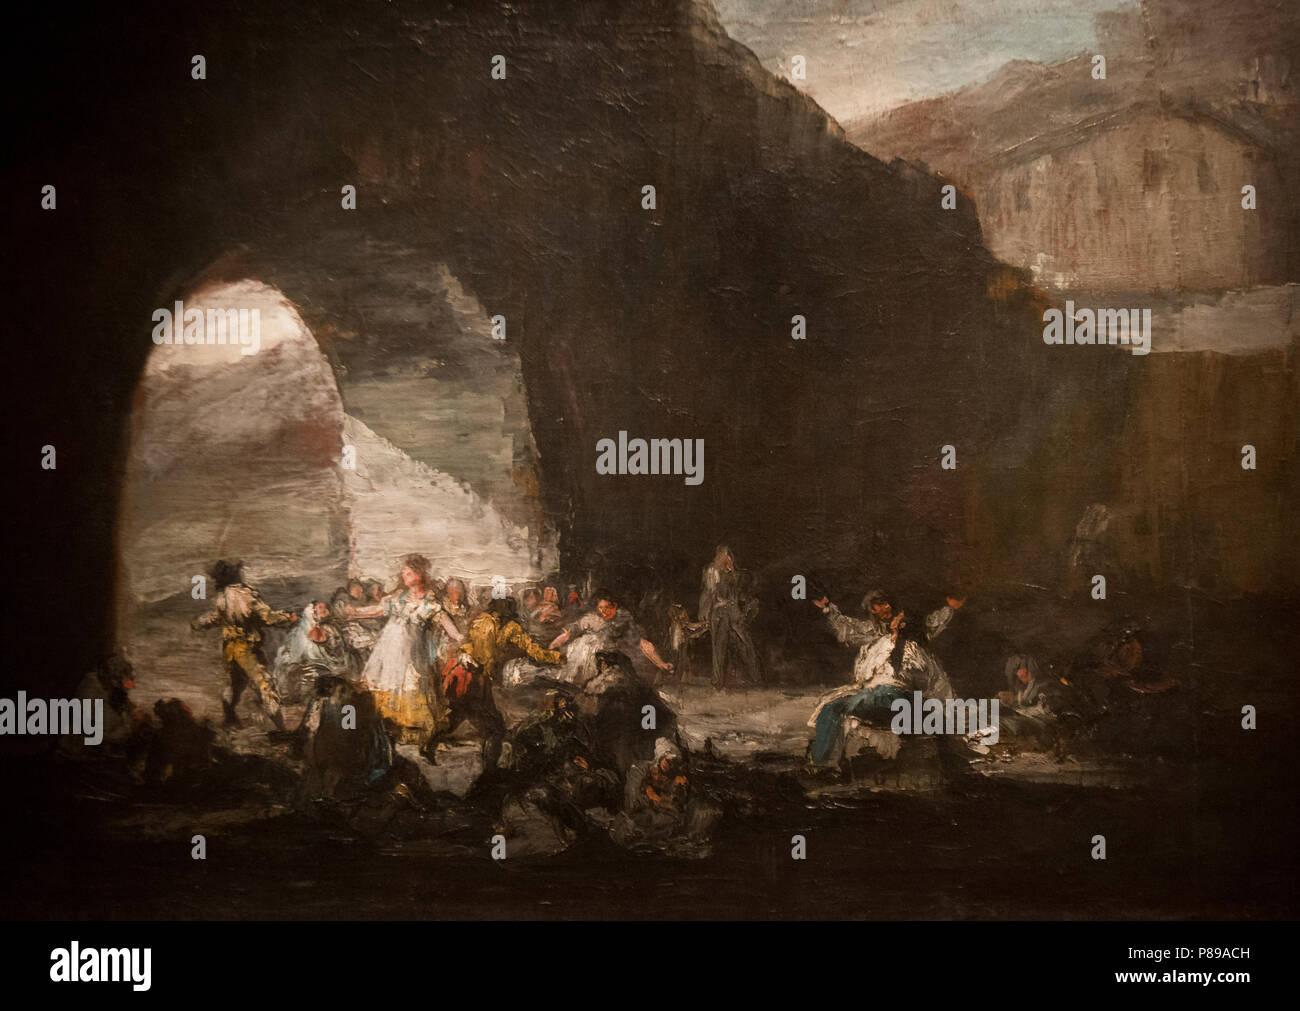 Francisco de Goya y Lucientes - Fiesta popolare bajo onu puente (1808-12) Immagini Stock